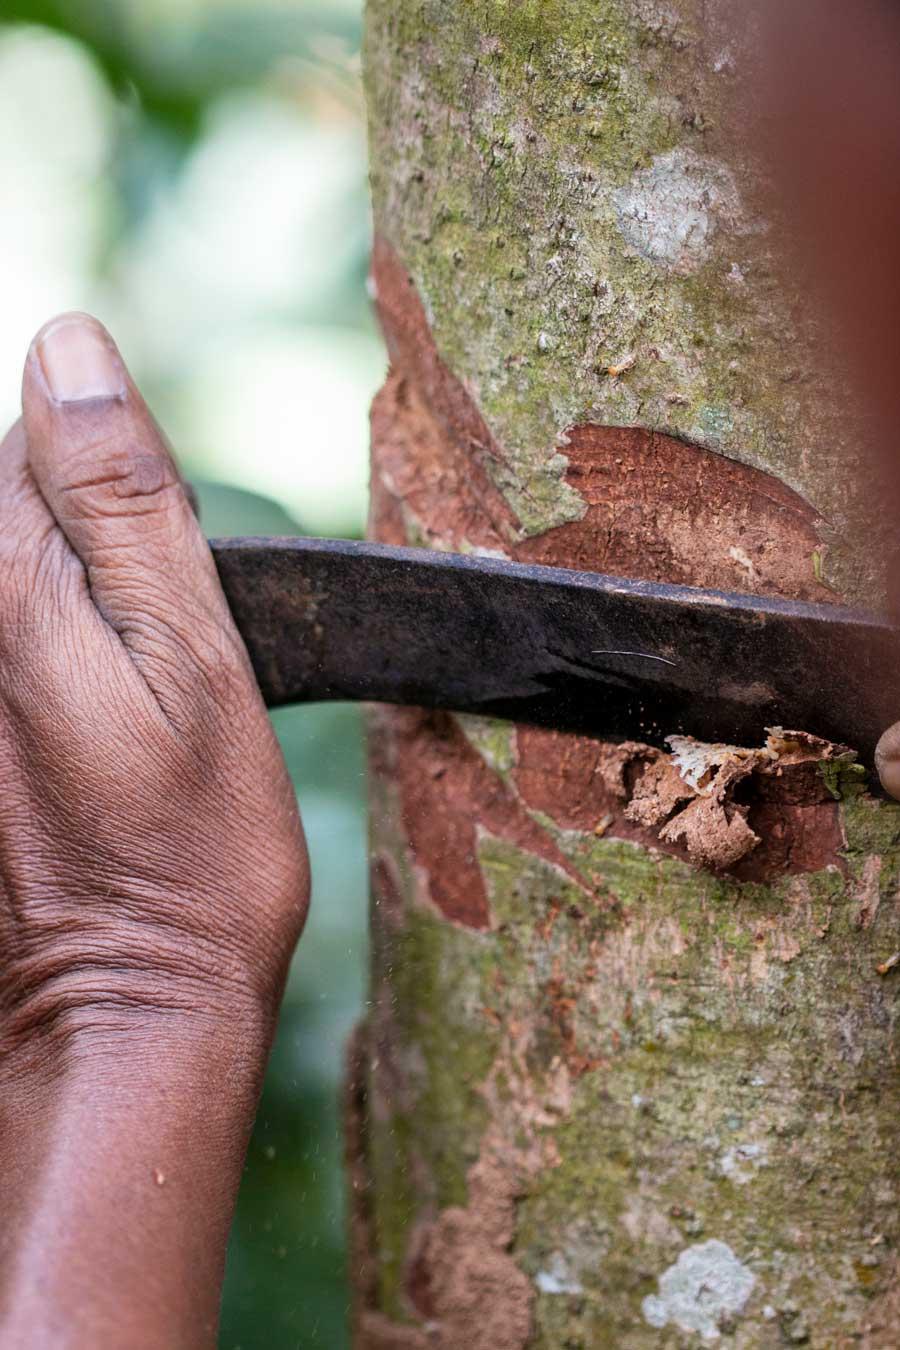 Producteur en train de gratter avec une machette l'écorce d'un cannelier